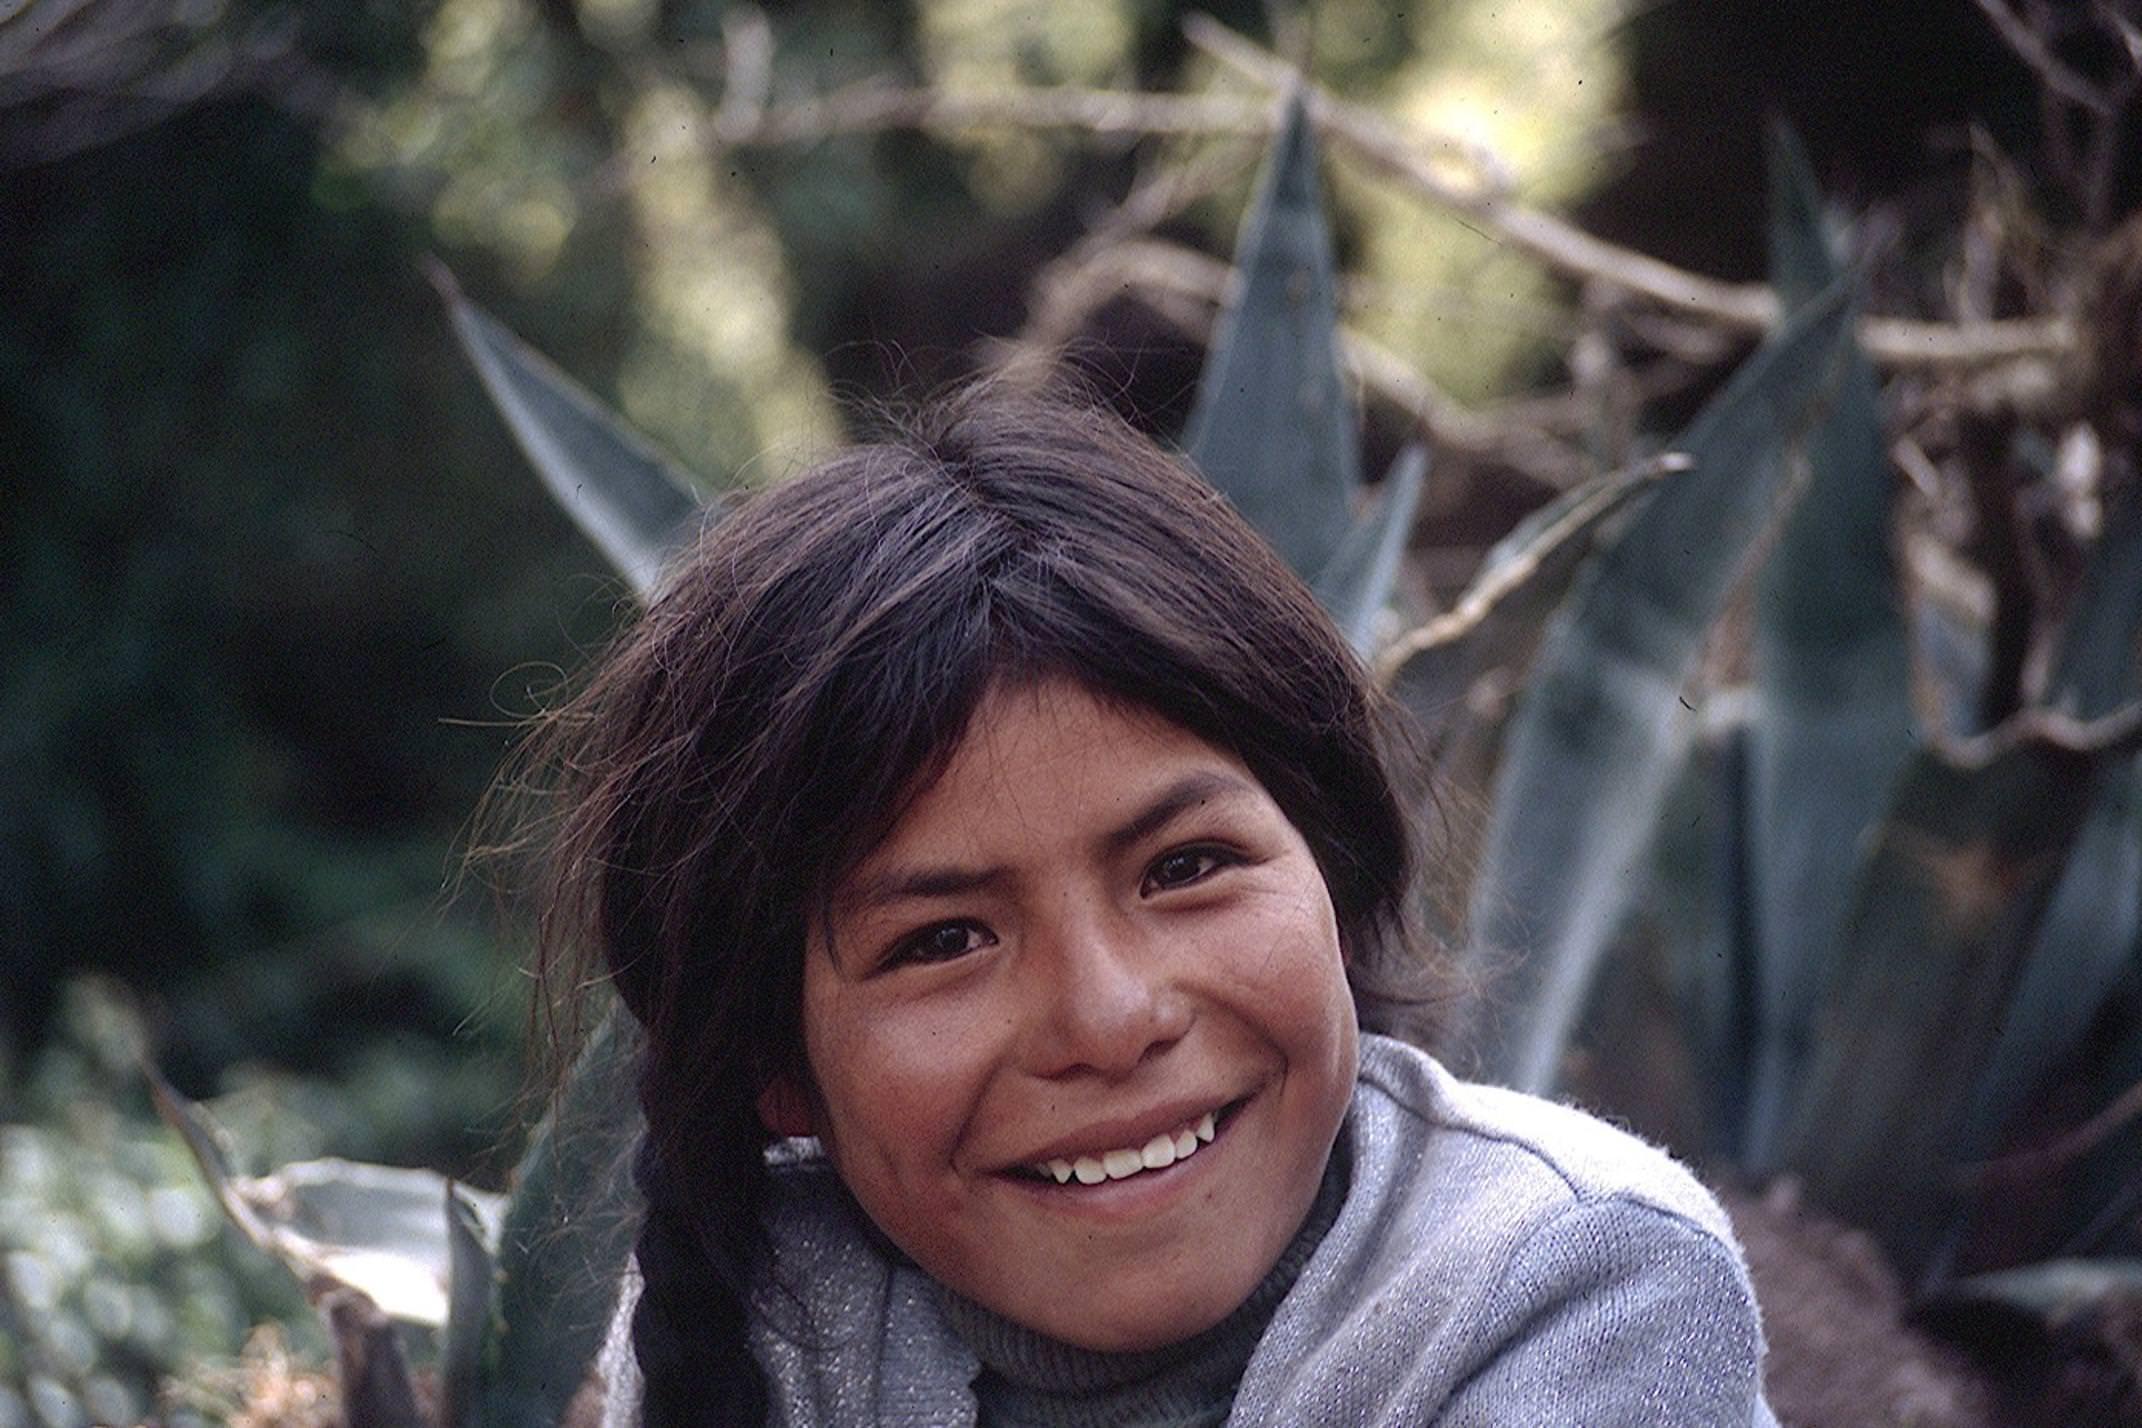 Peru amazon girl smiling